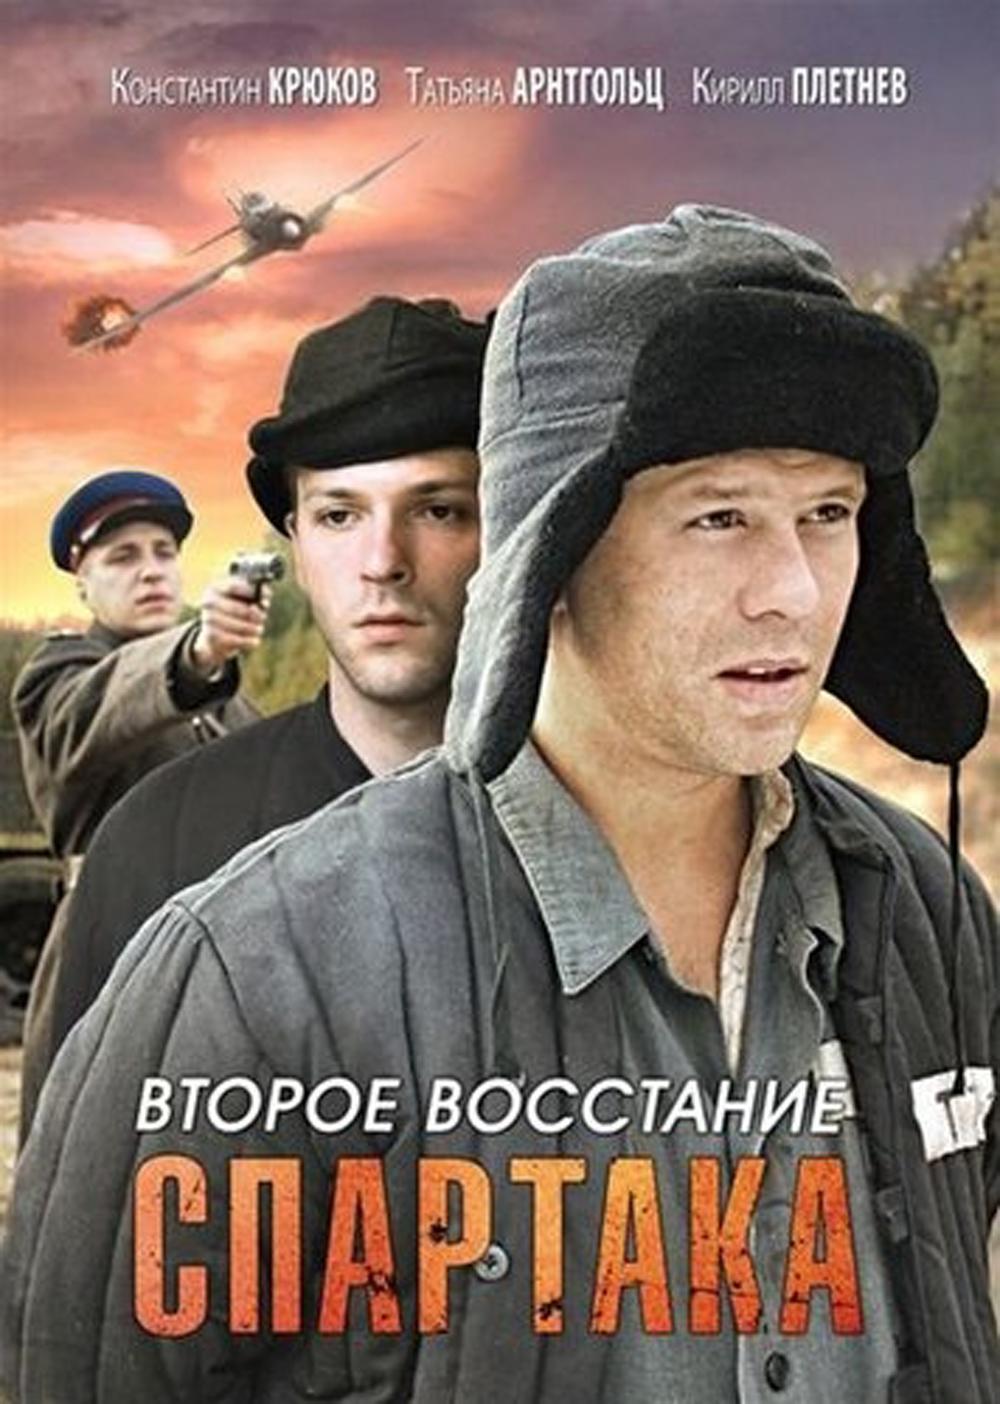 Русские порно фильмы смотреть онлайн бесплатно в хорошем